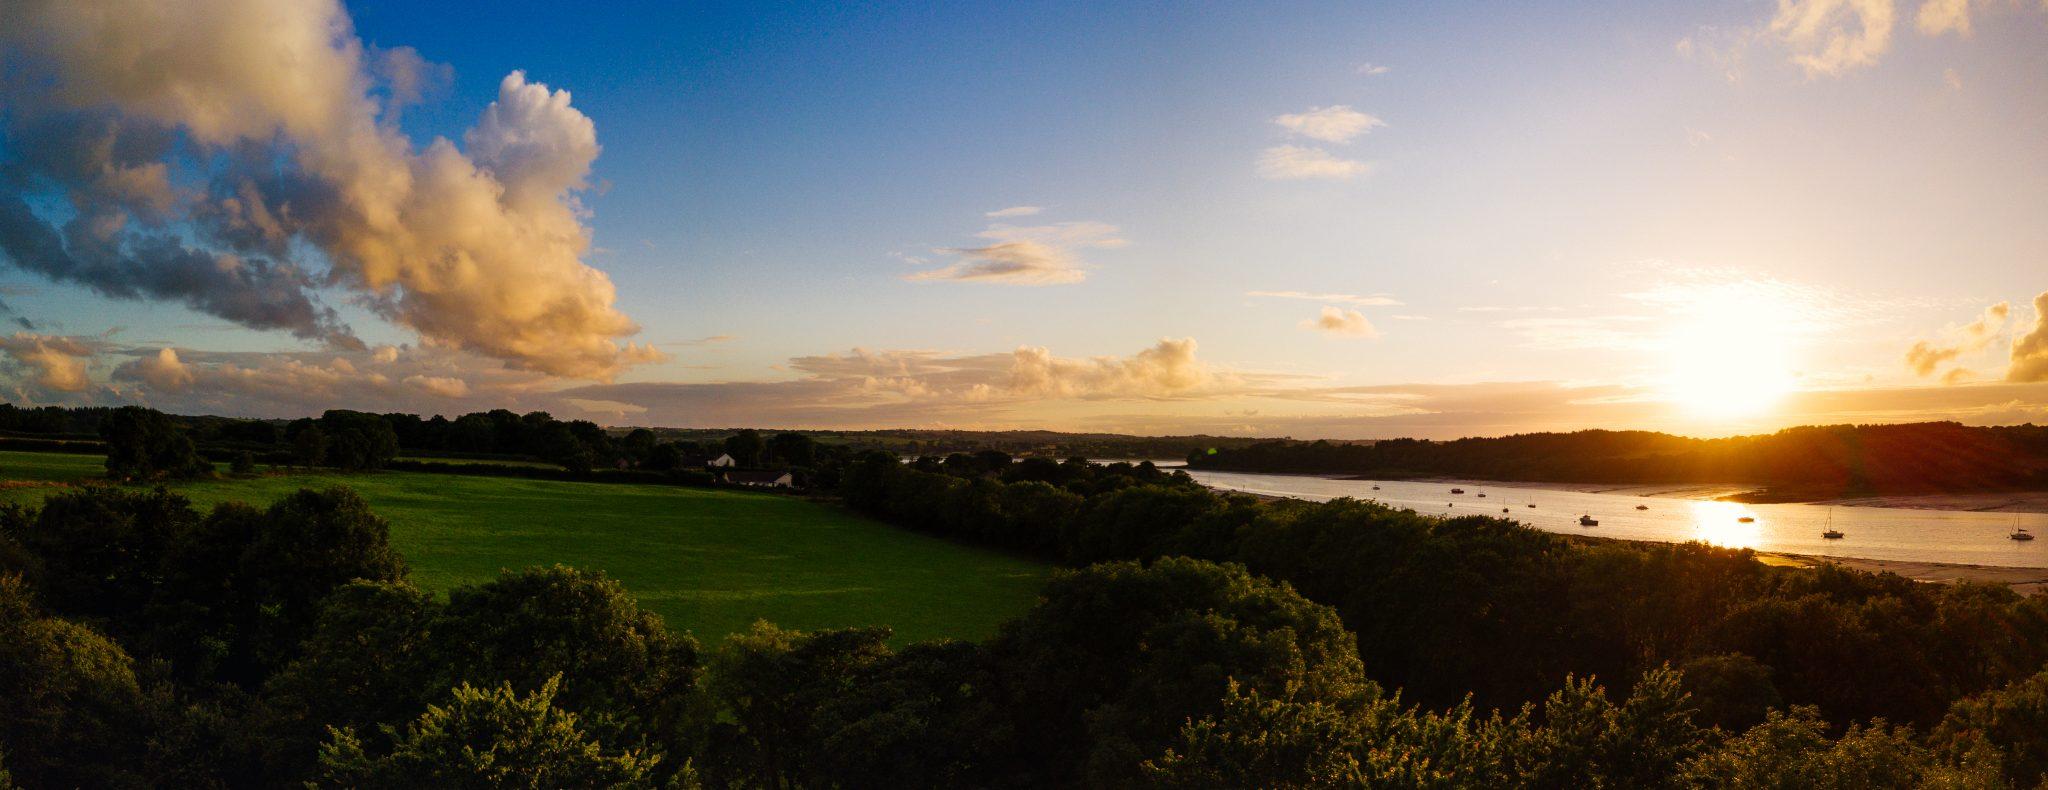 Mavic Pro Landshipping Sunset